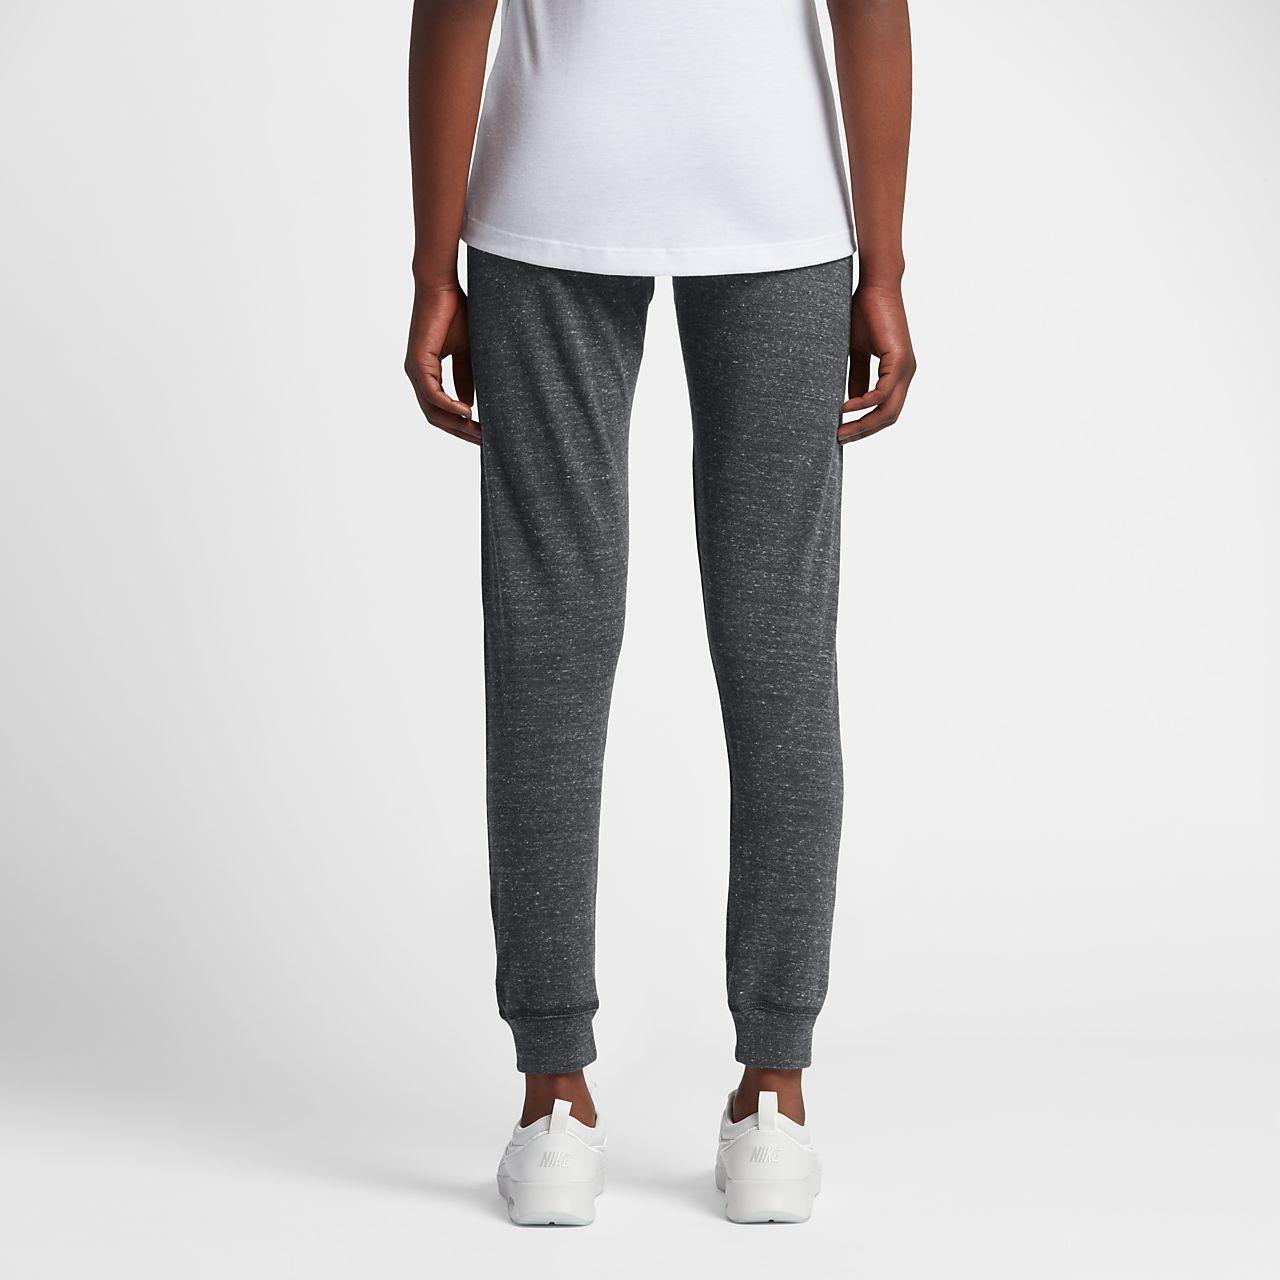 Nike Sportswear Gym Vintage Pour Femme Pantalon oedrCxB